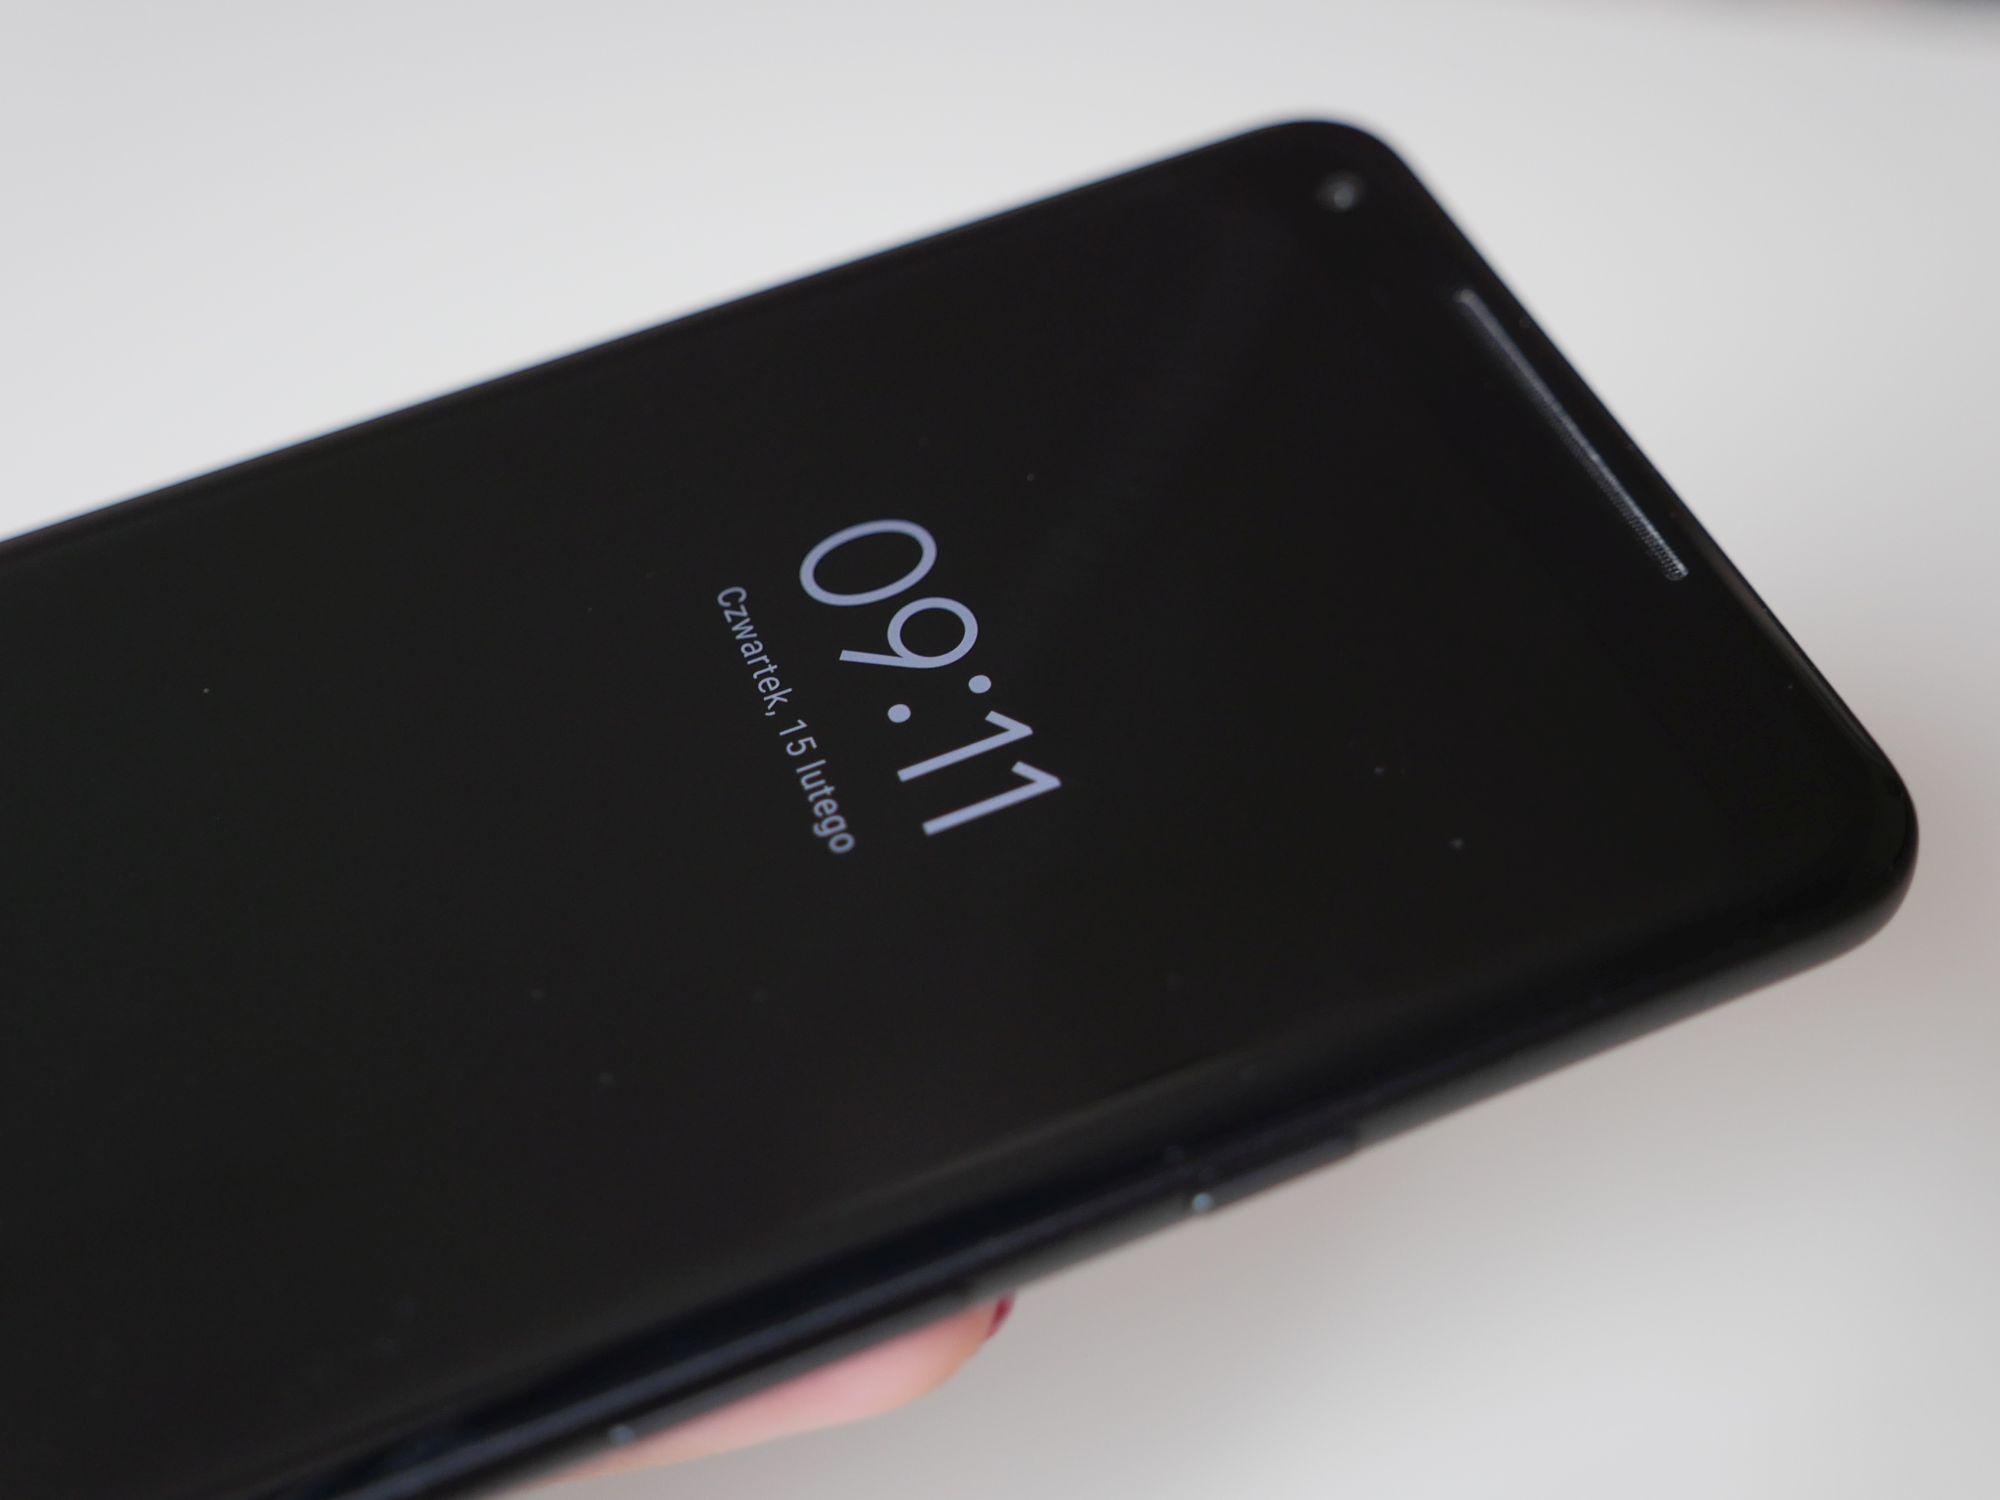 Recenzja Google Pixel 2 XL - iPhone'a wśród Androidów 26